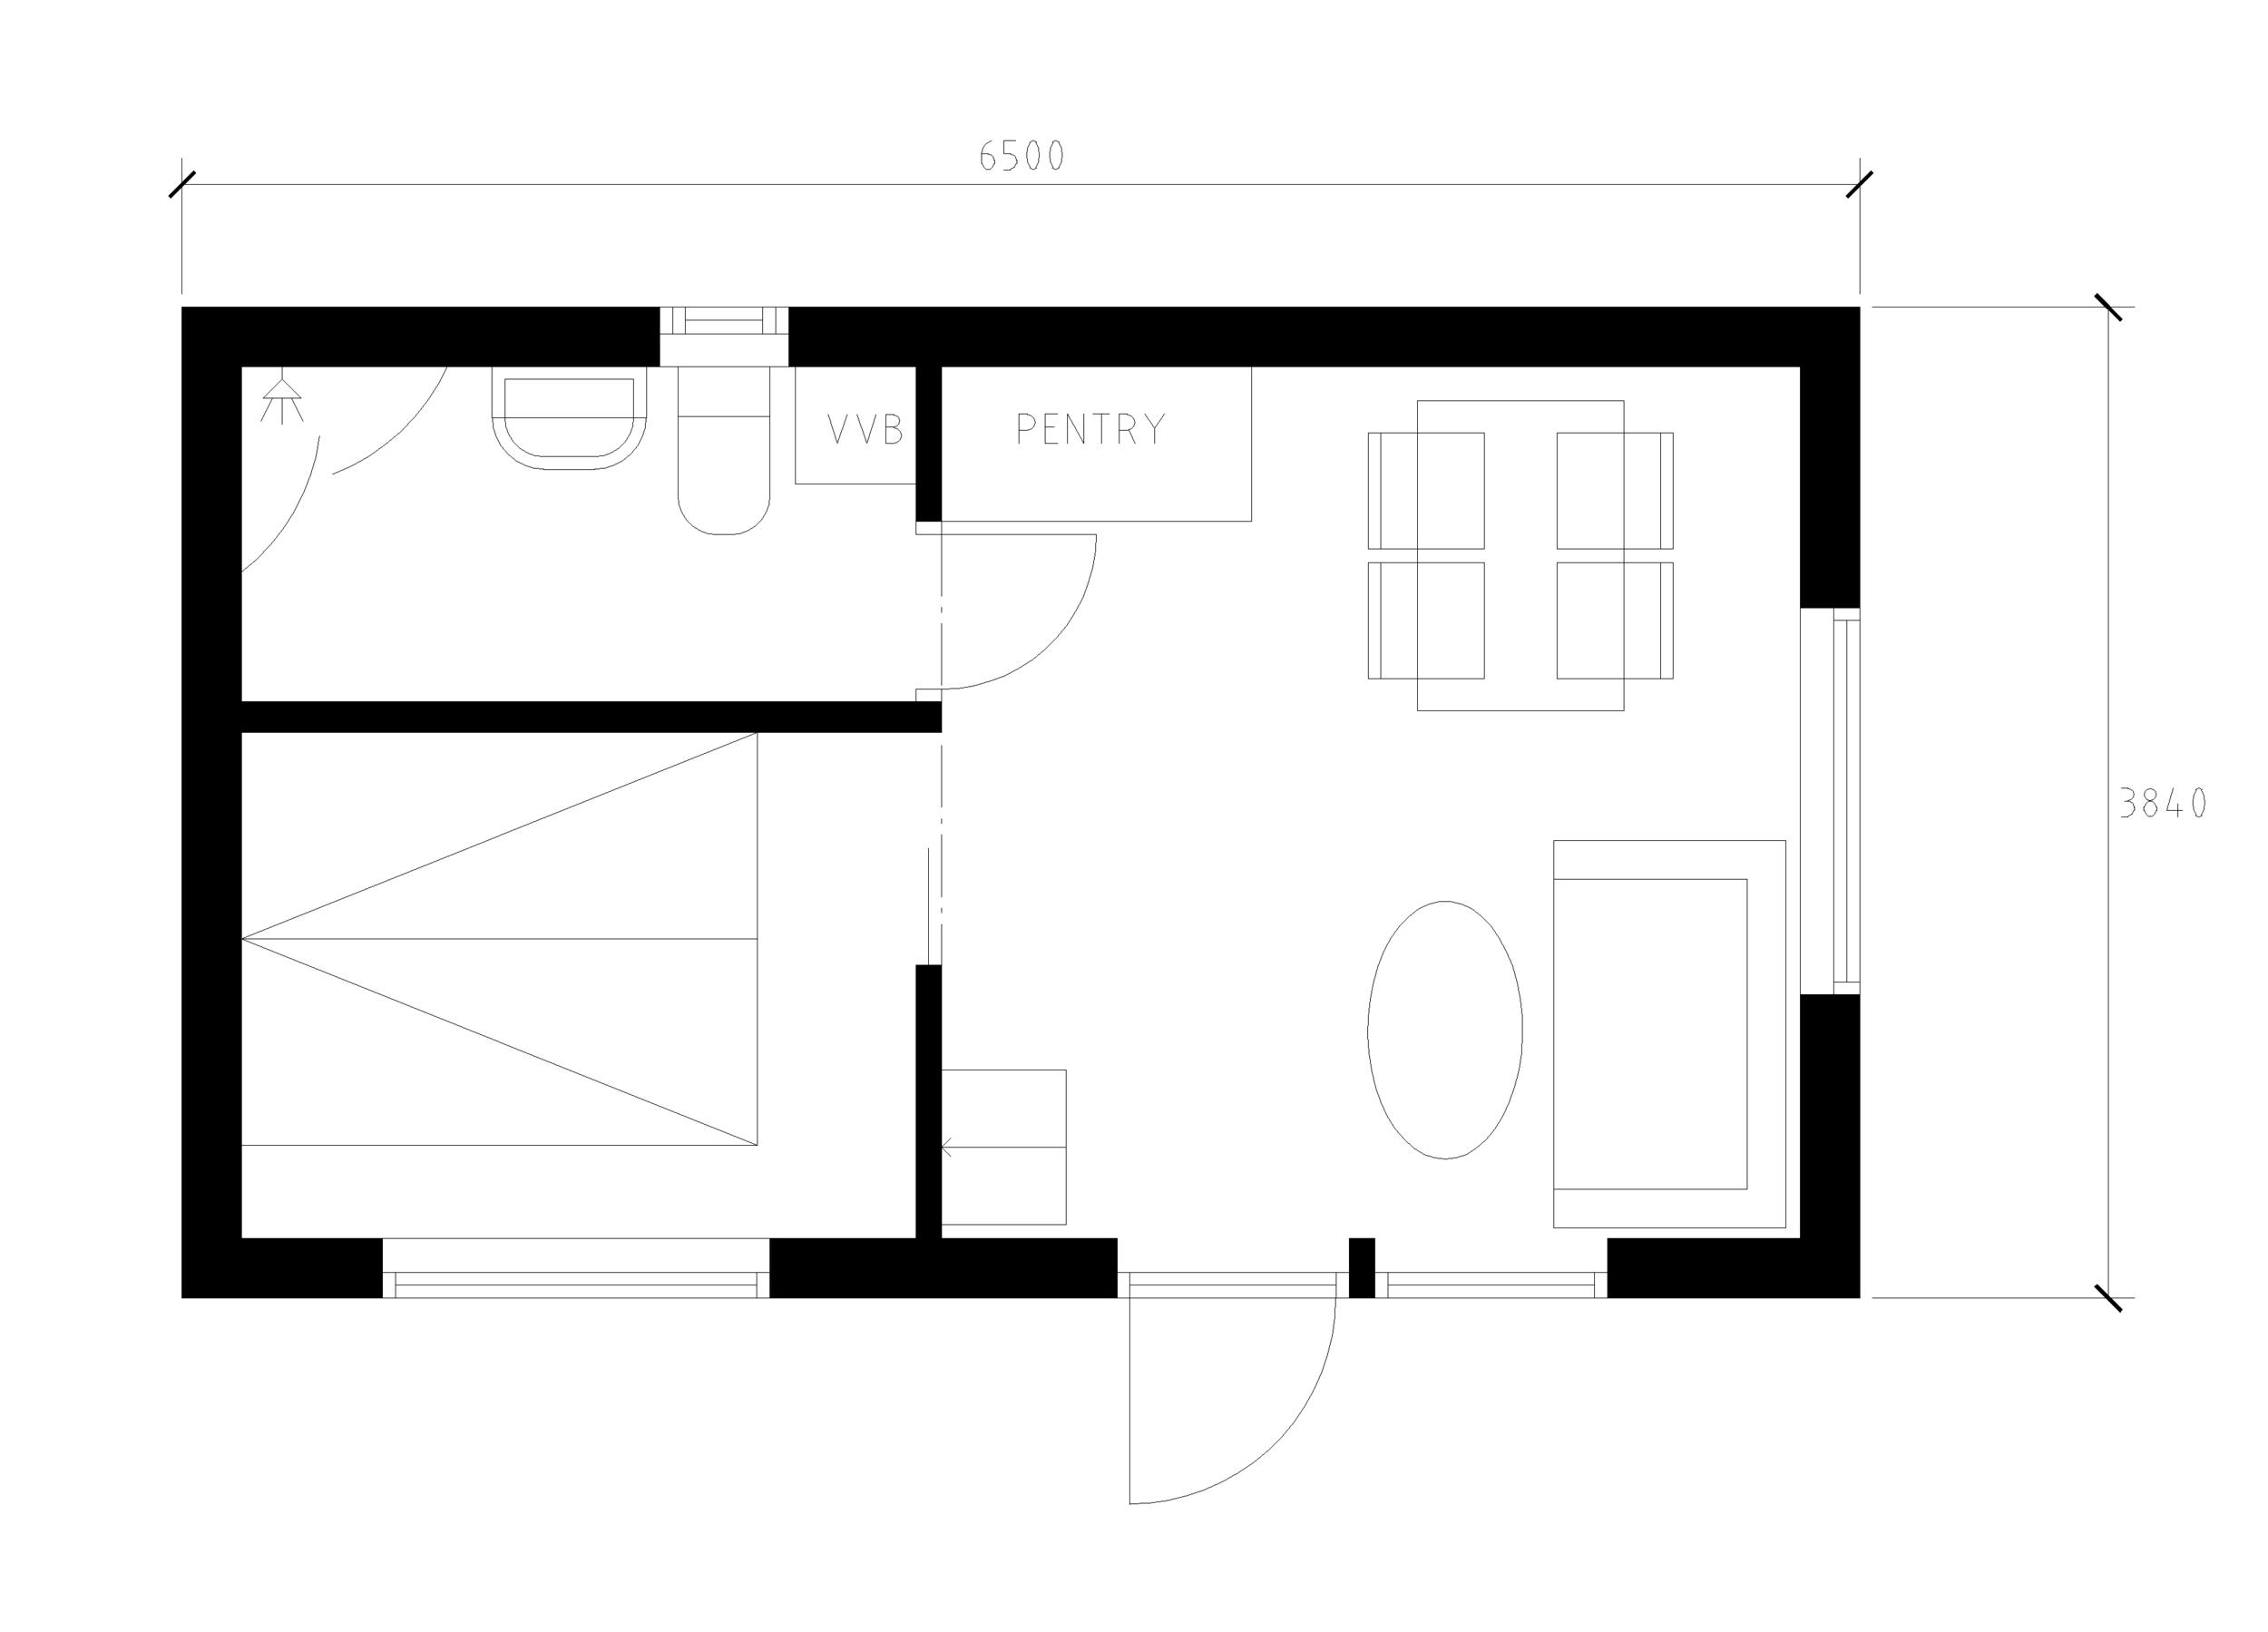 easy-house-attefallshus-åhus-25-loft-sovrum-badrum-kök-allrum